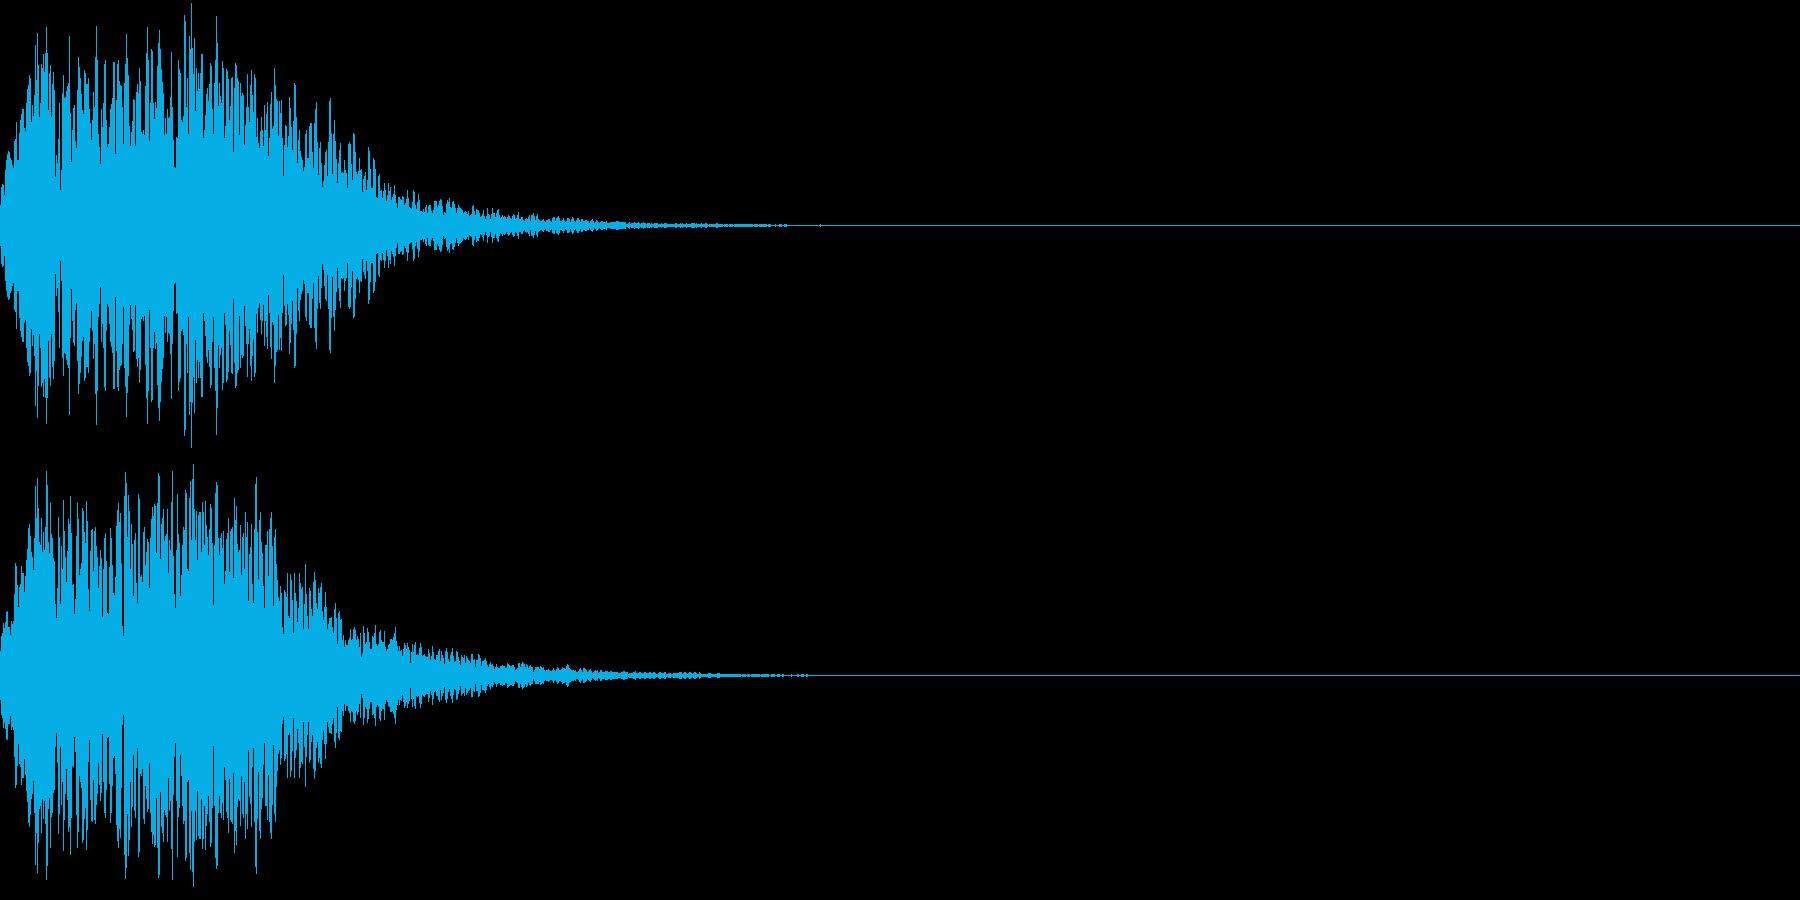 キュイン 光 ピカーン フラッシュ 11の再生済みの波形